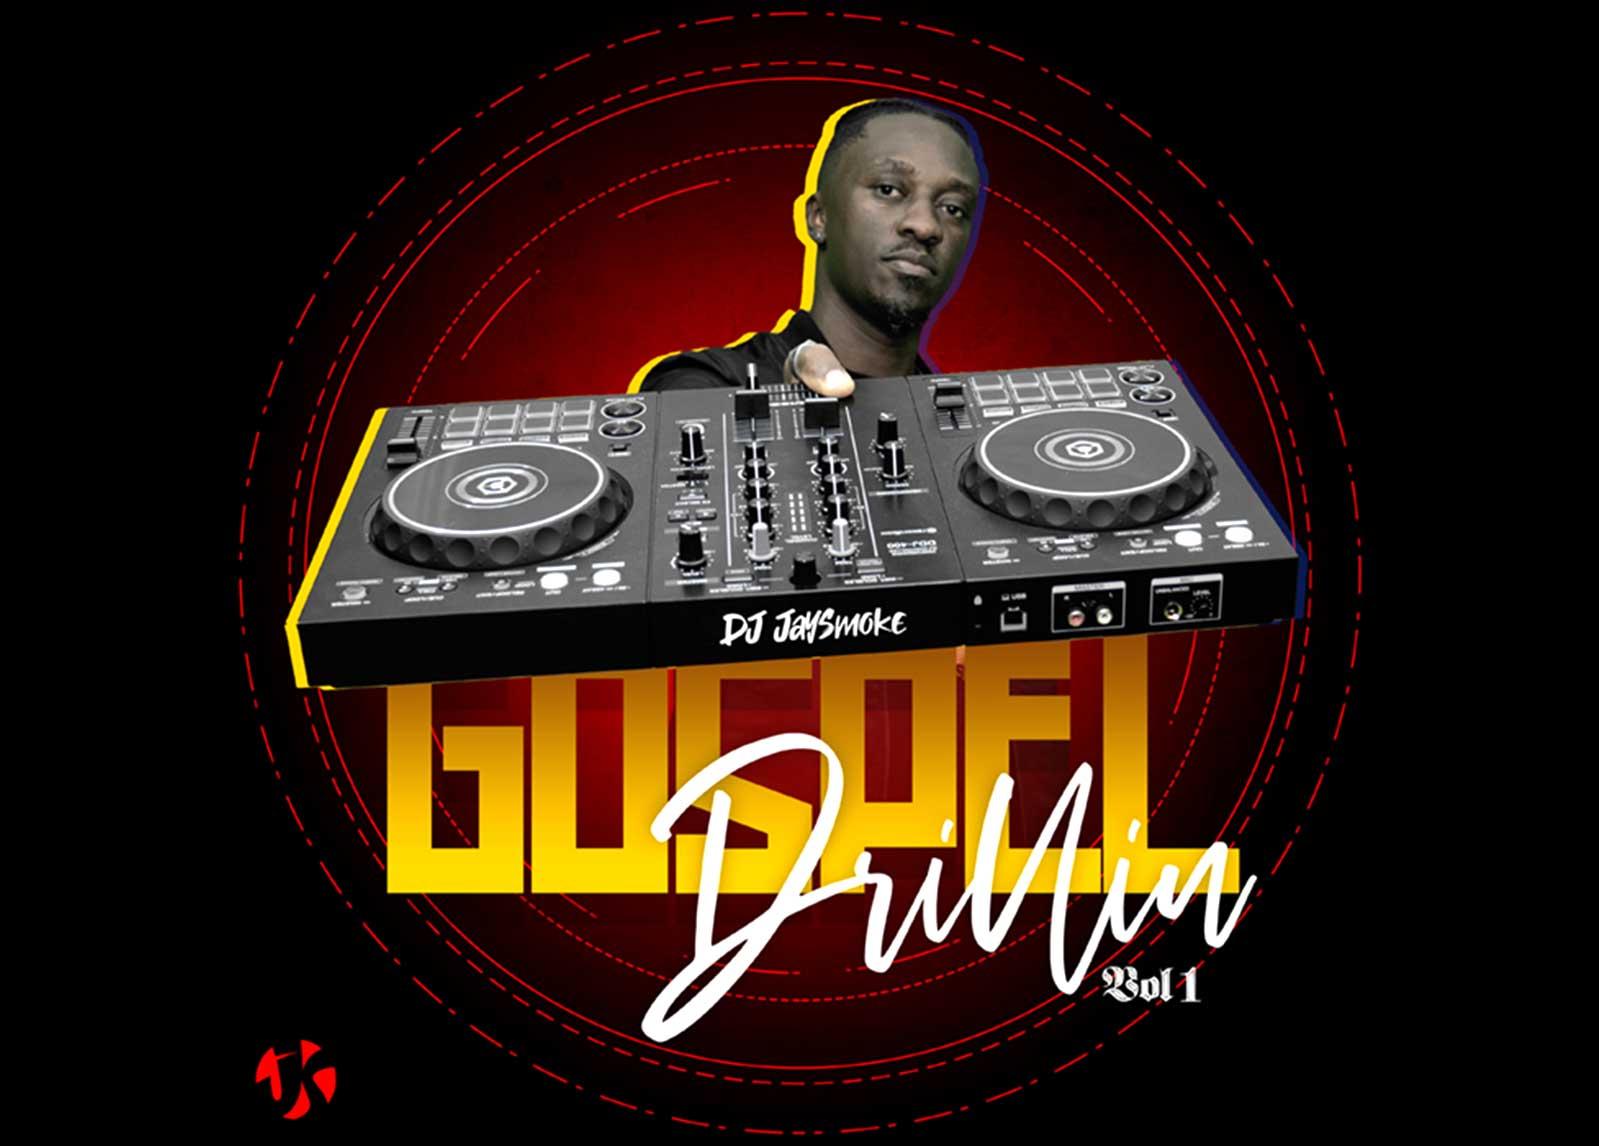 DJ JaySmoke